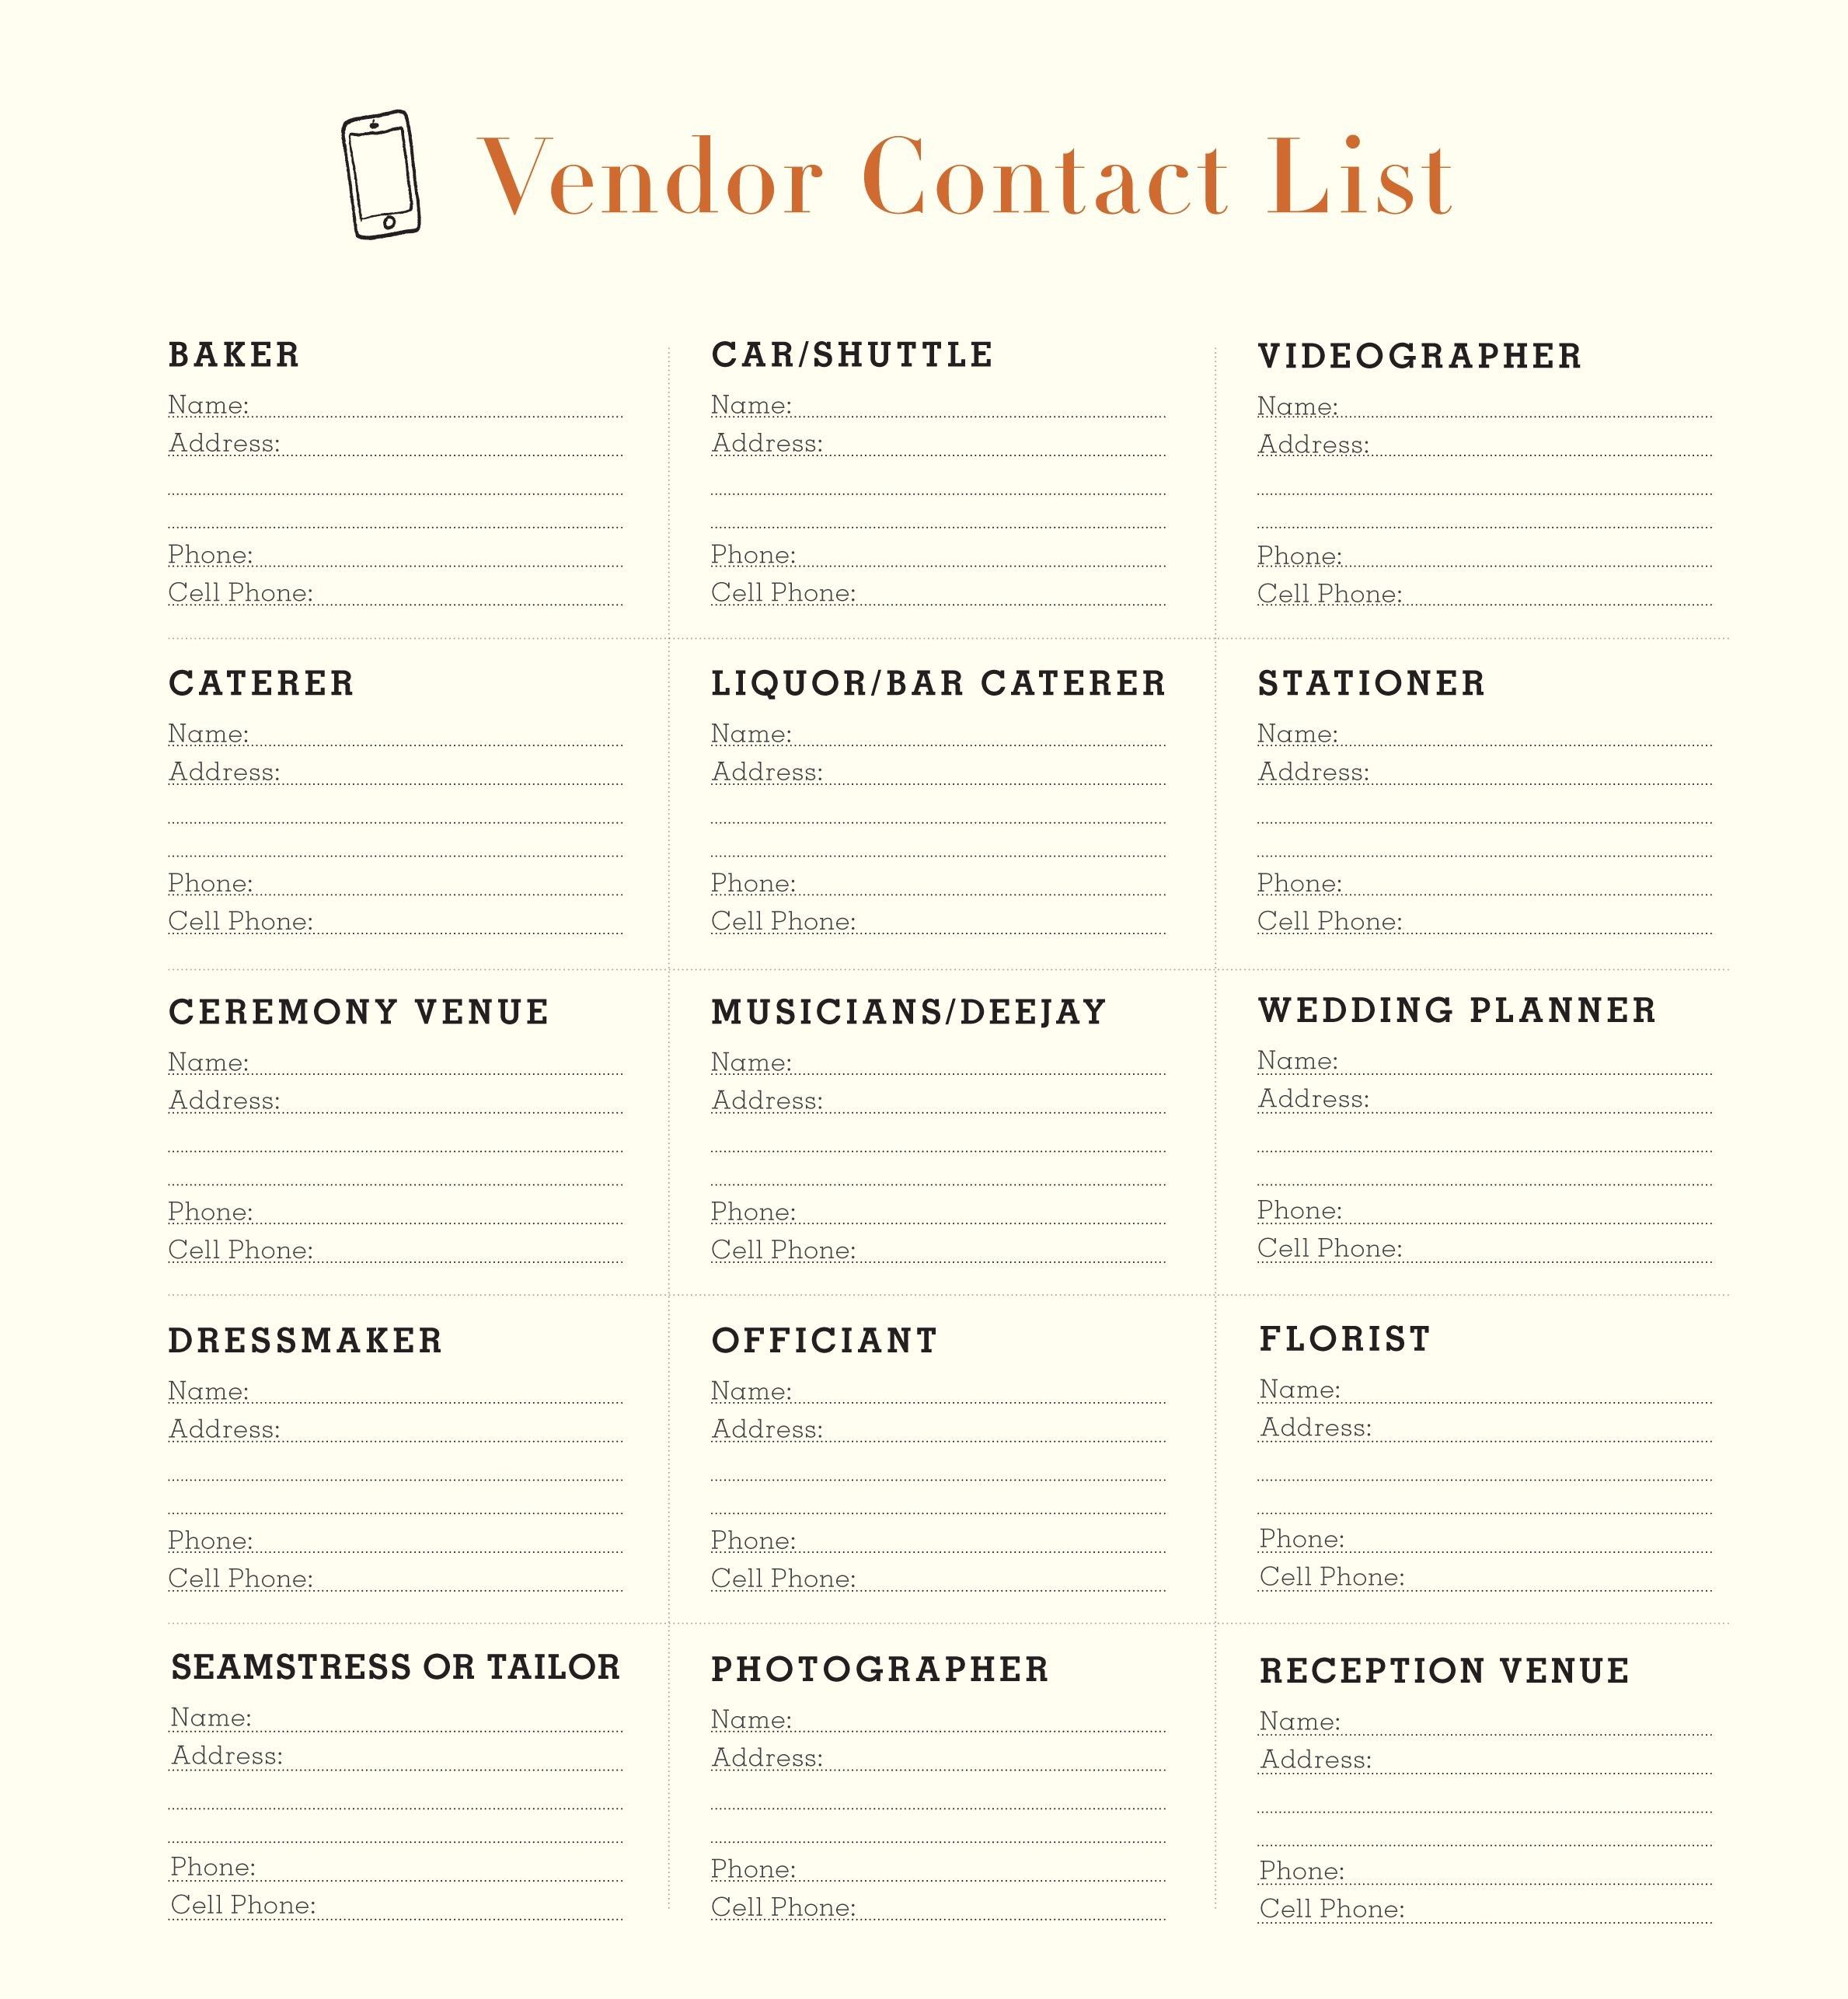 Unique Printable Wedding Planning Checklist Xls Xlsformat Xlstemplates Xlst Wedding Event Planning Wedding Coordinator Checklist Wedding Planning Checklist